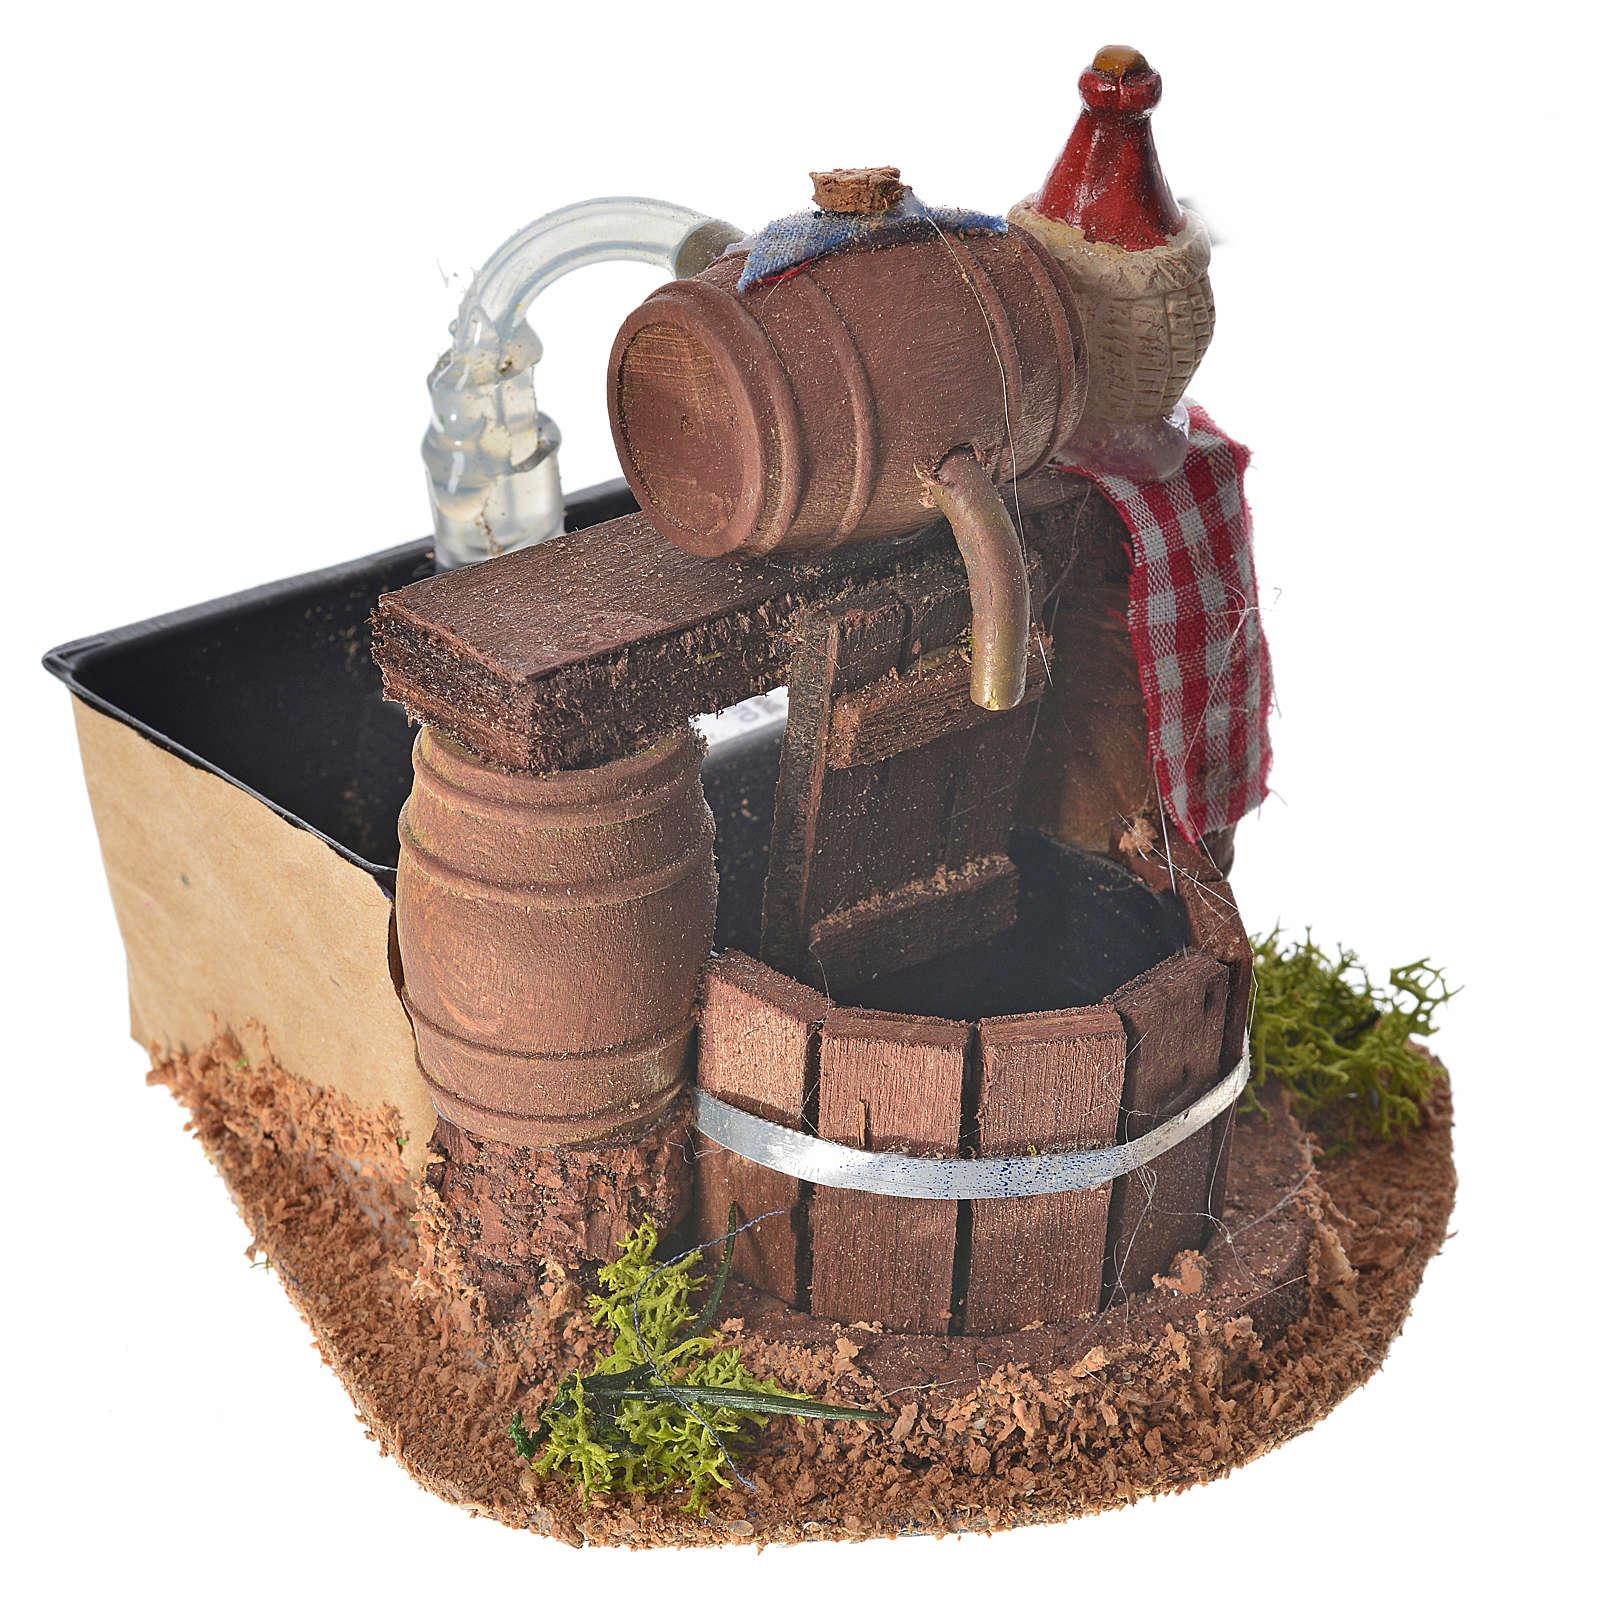 Cantina con botte ambientazione con pompa acqua 8x11x9 4